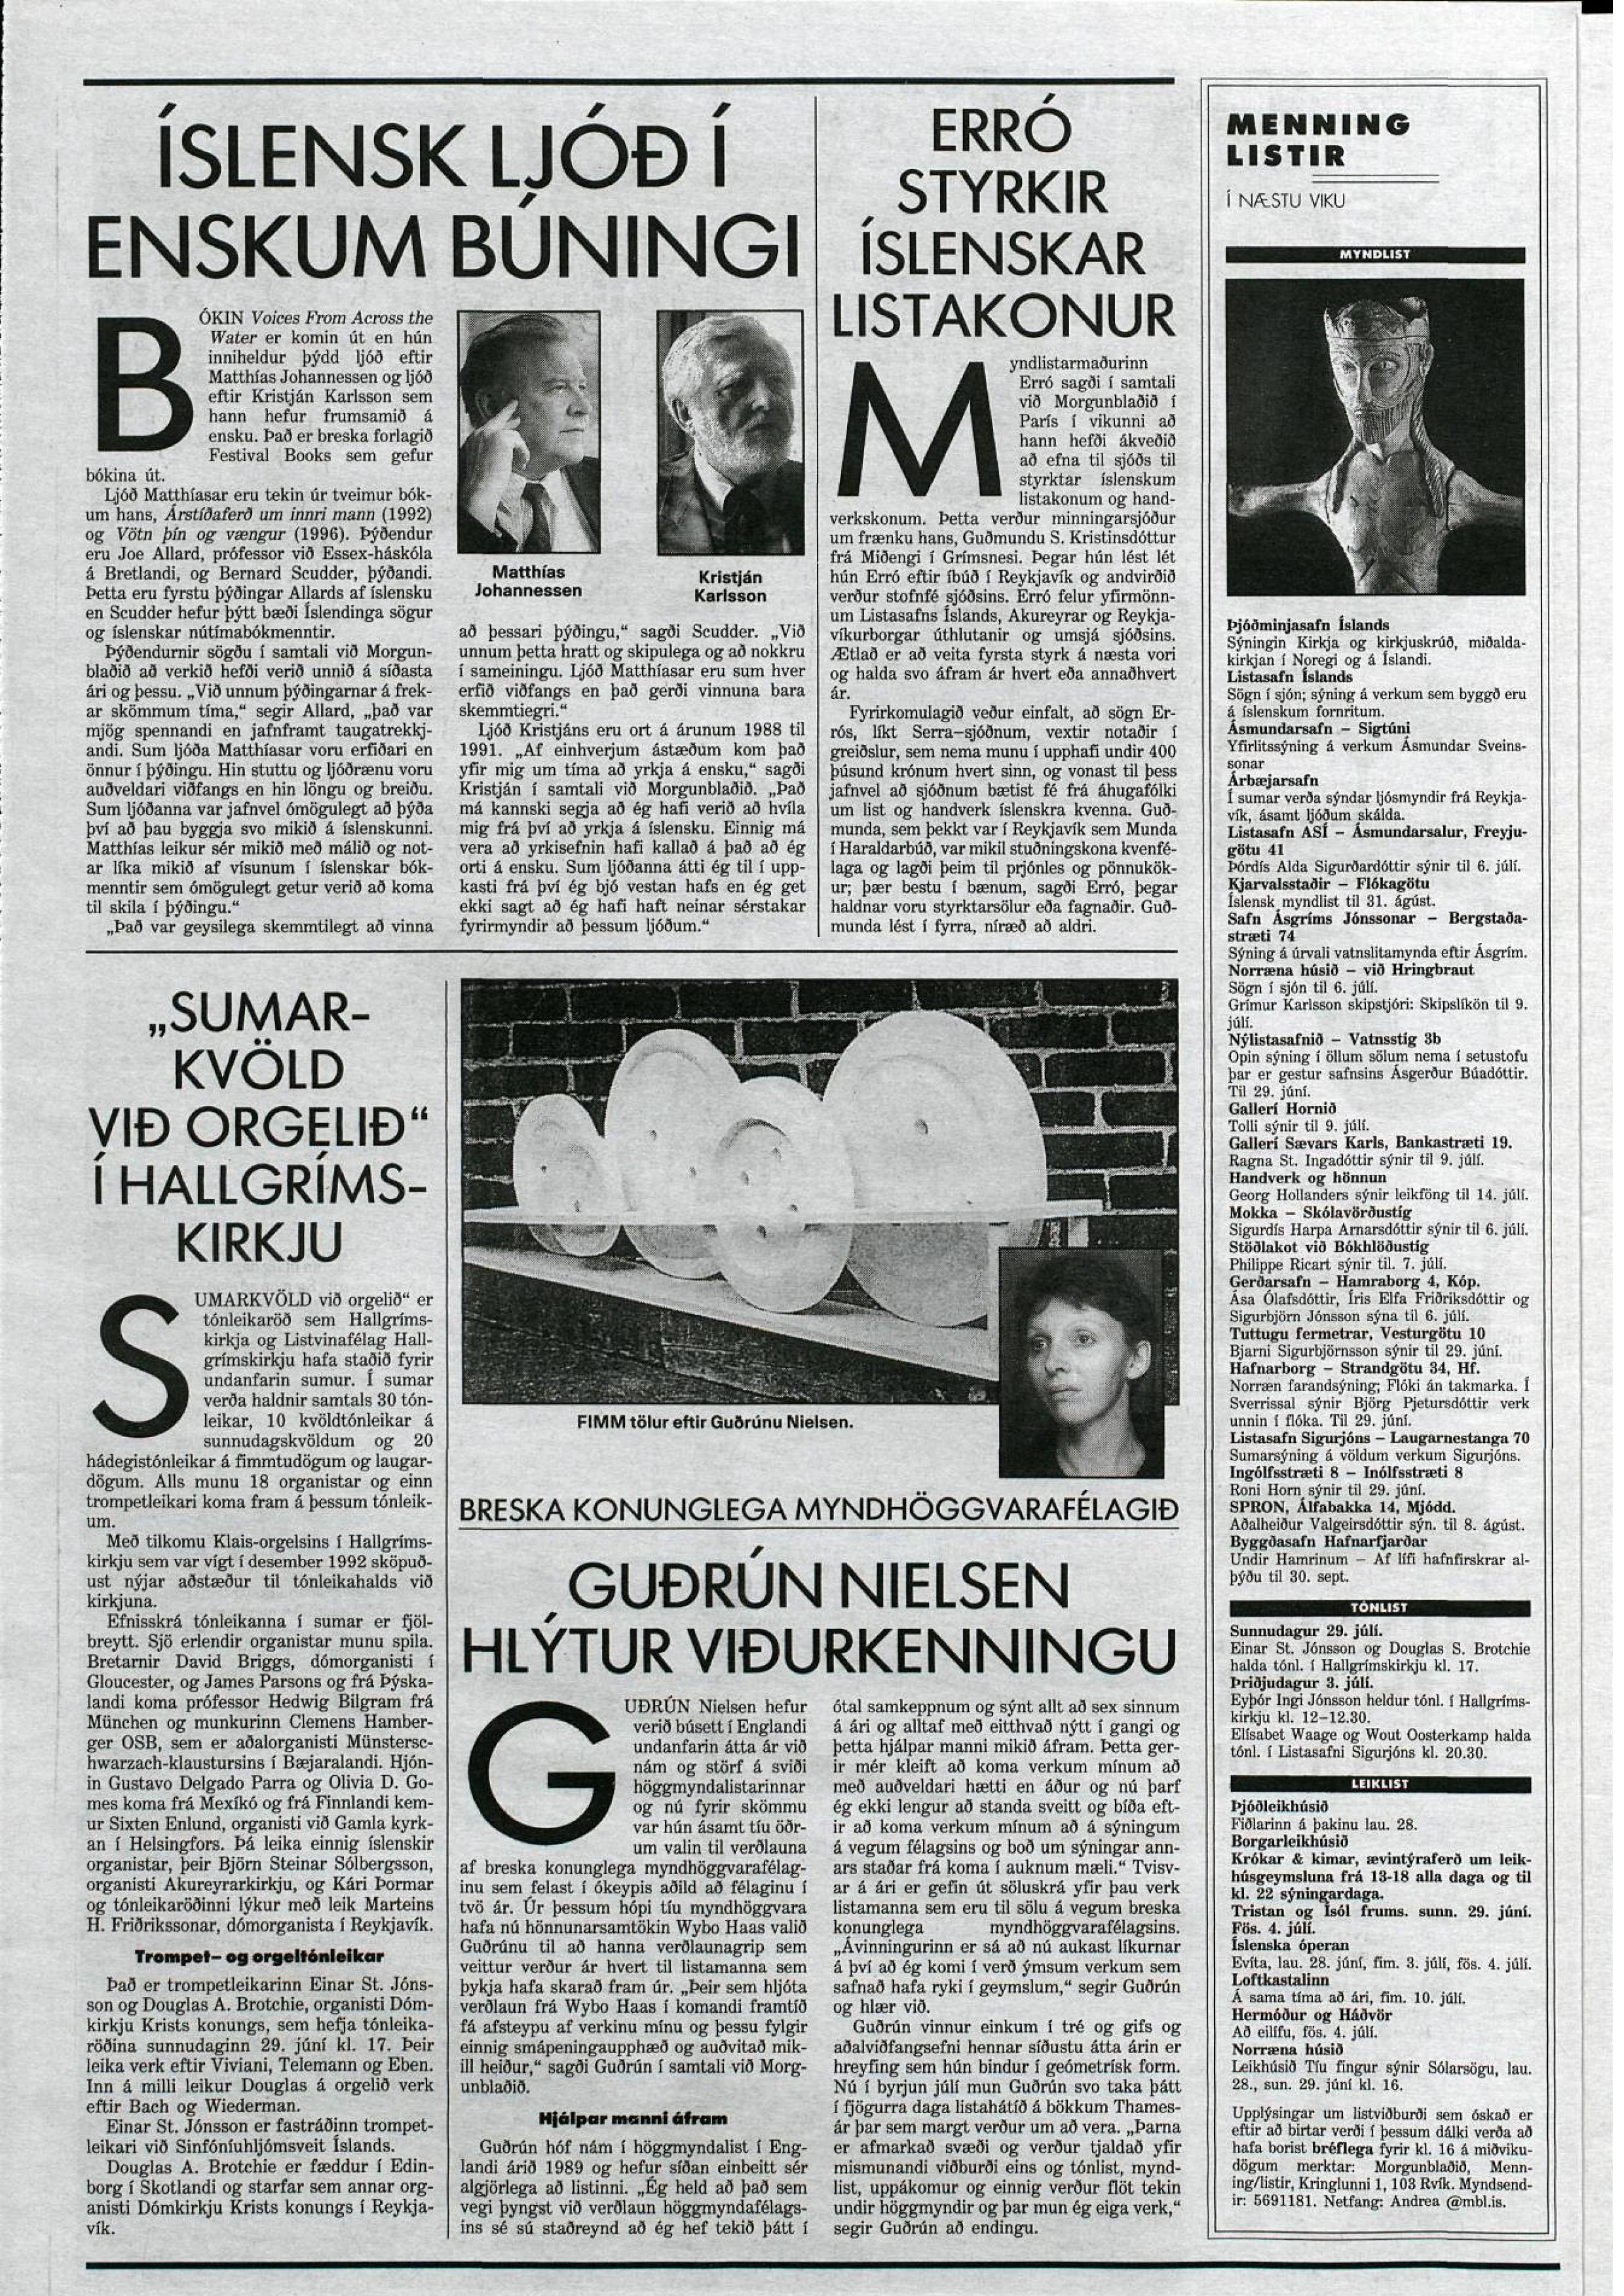 GN hlýtur viðurkenningu 28.06.1997.jpg